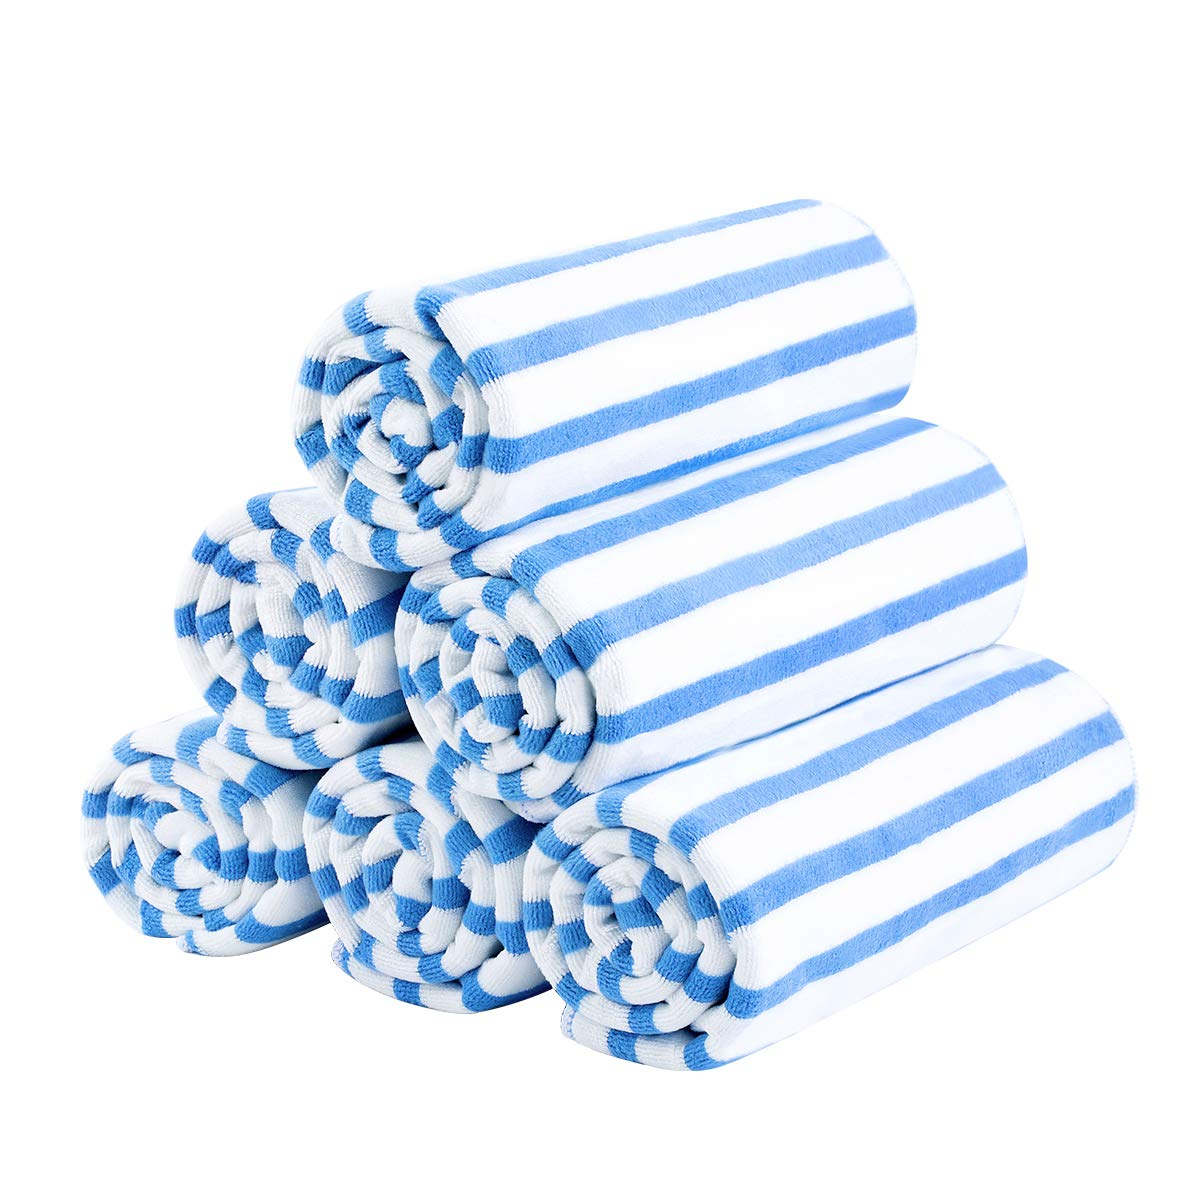 JML Microfiber Bath Towel, Beach Towels (6 Pack, 27'' x 55'') - Cabana Stripe - Multi Purpose Towels for Pool, Sport, Yoga, Camping, Swimming, Blue